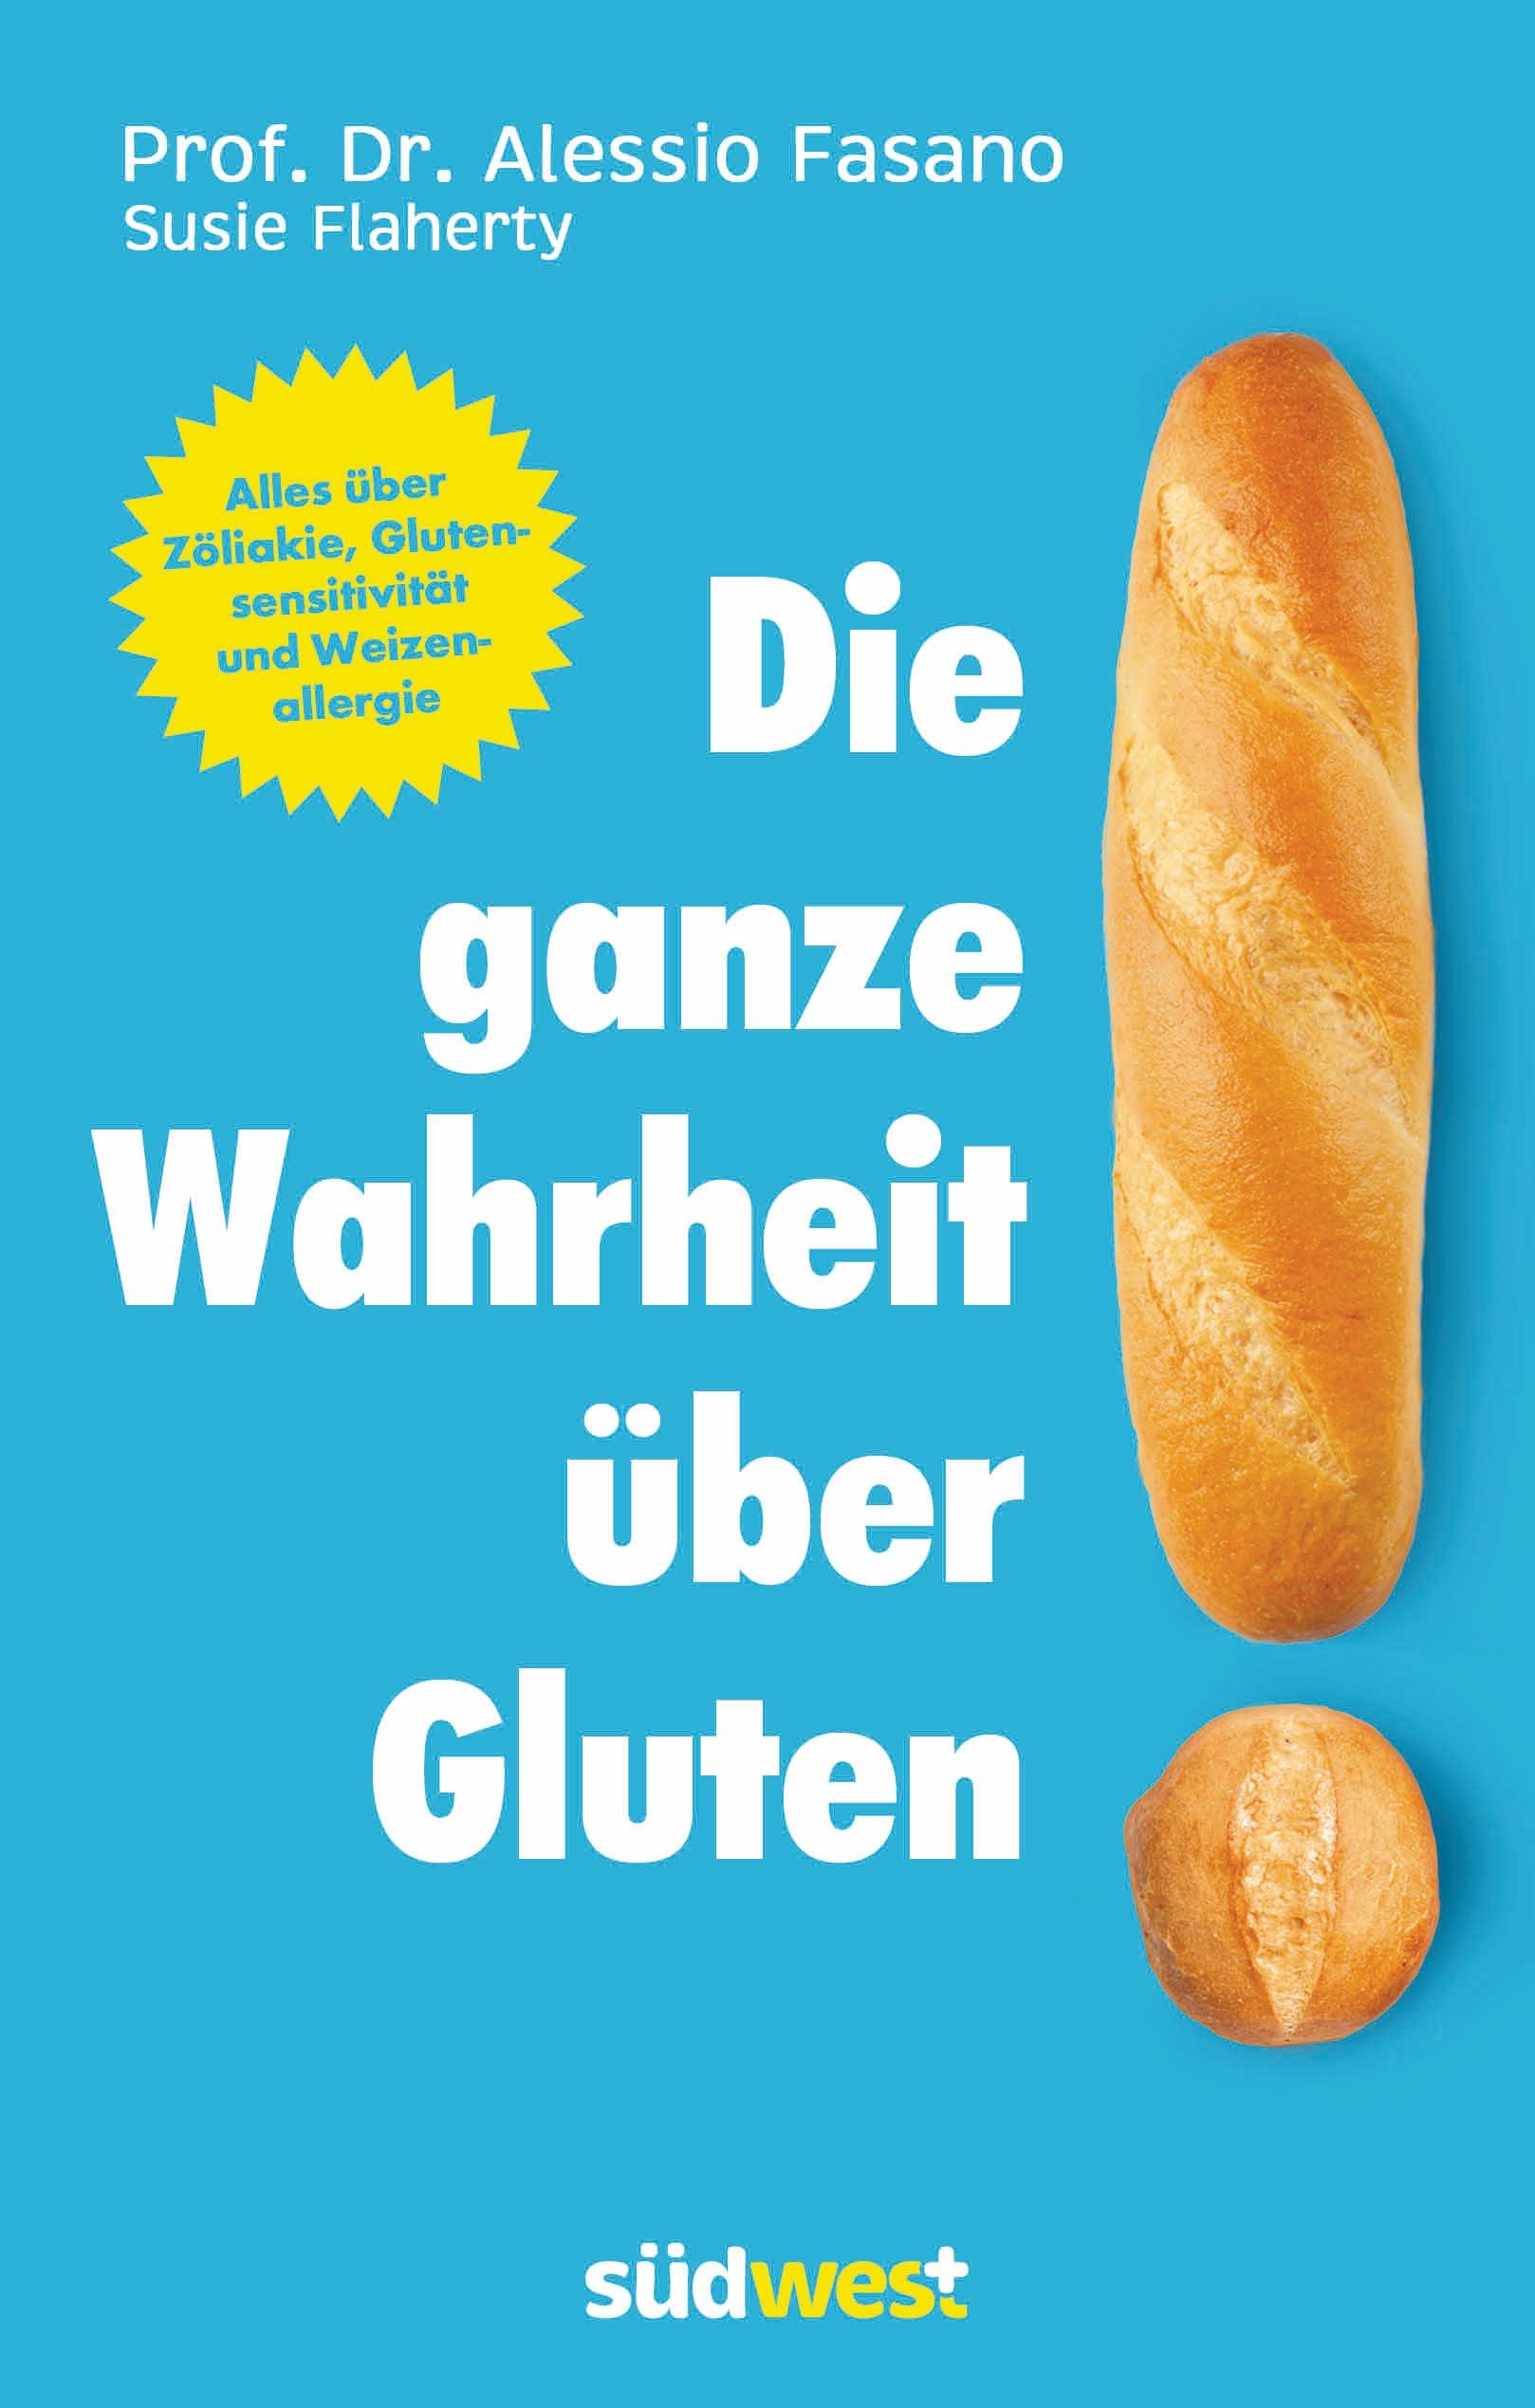 Die ganze Wahrheit über Gluten: Alles über Zöliakie, Glutensensitivität und Weizenallergie - Dr. Alessio Fasano